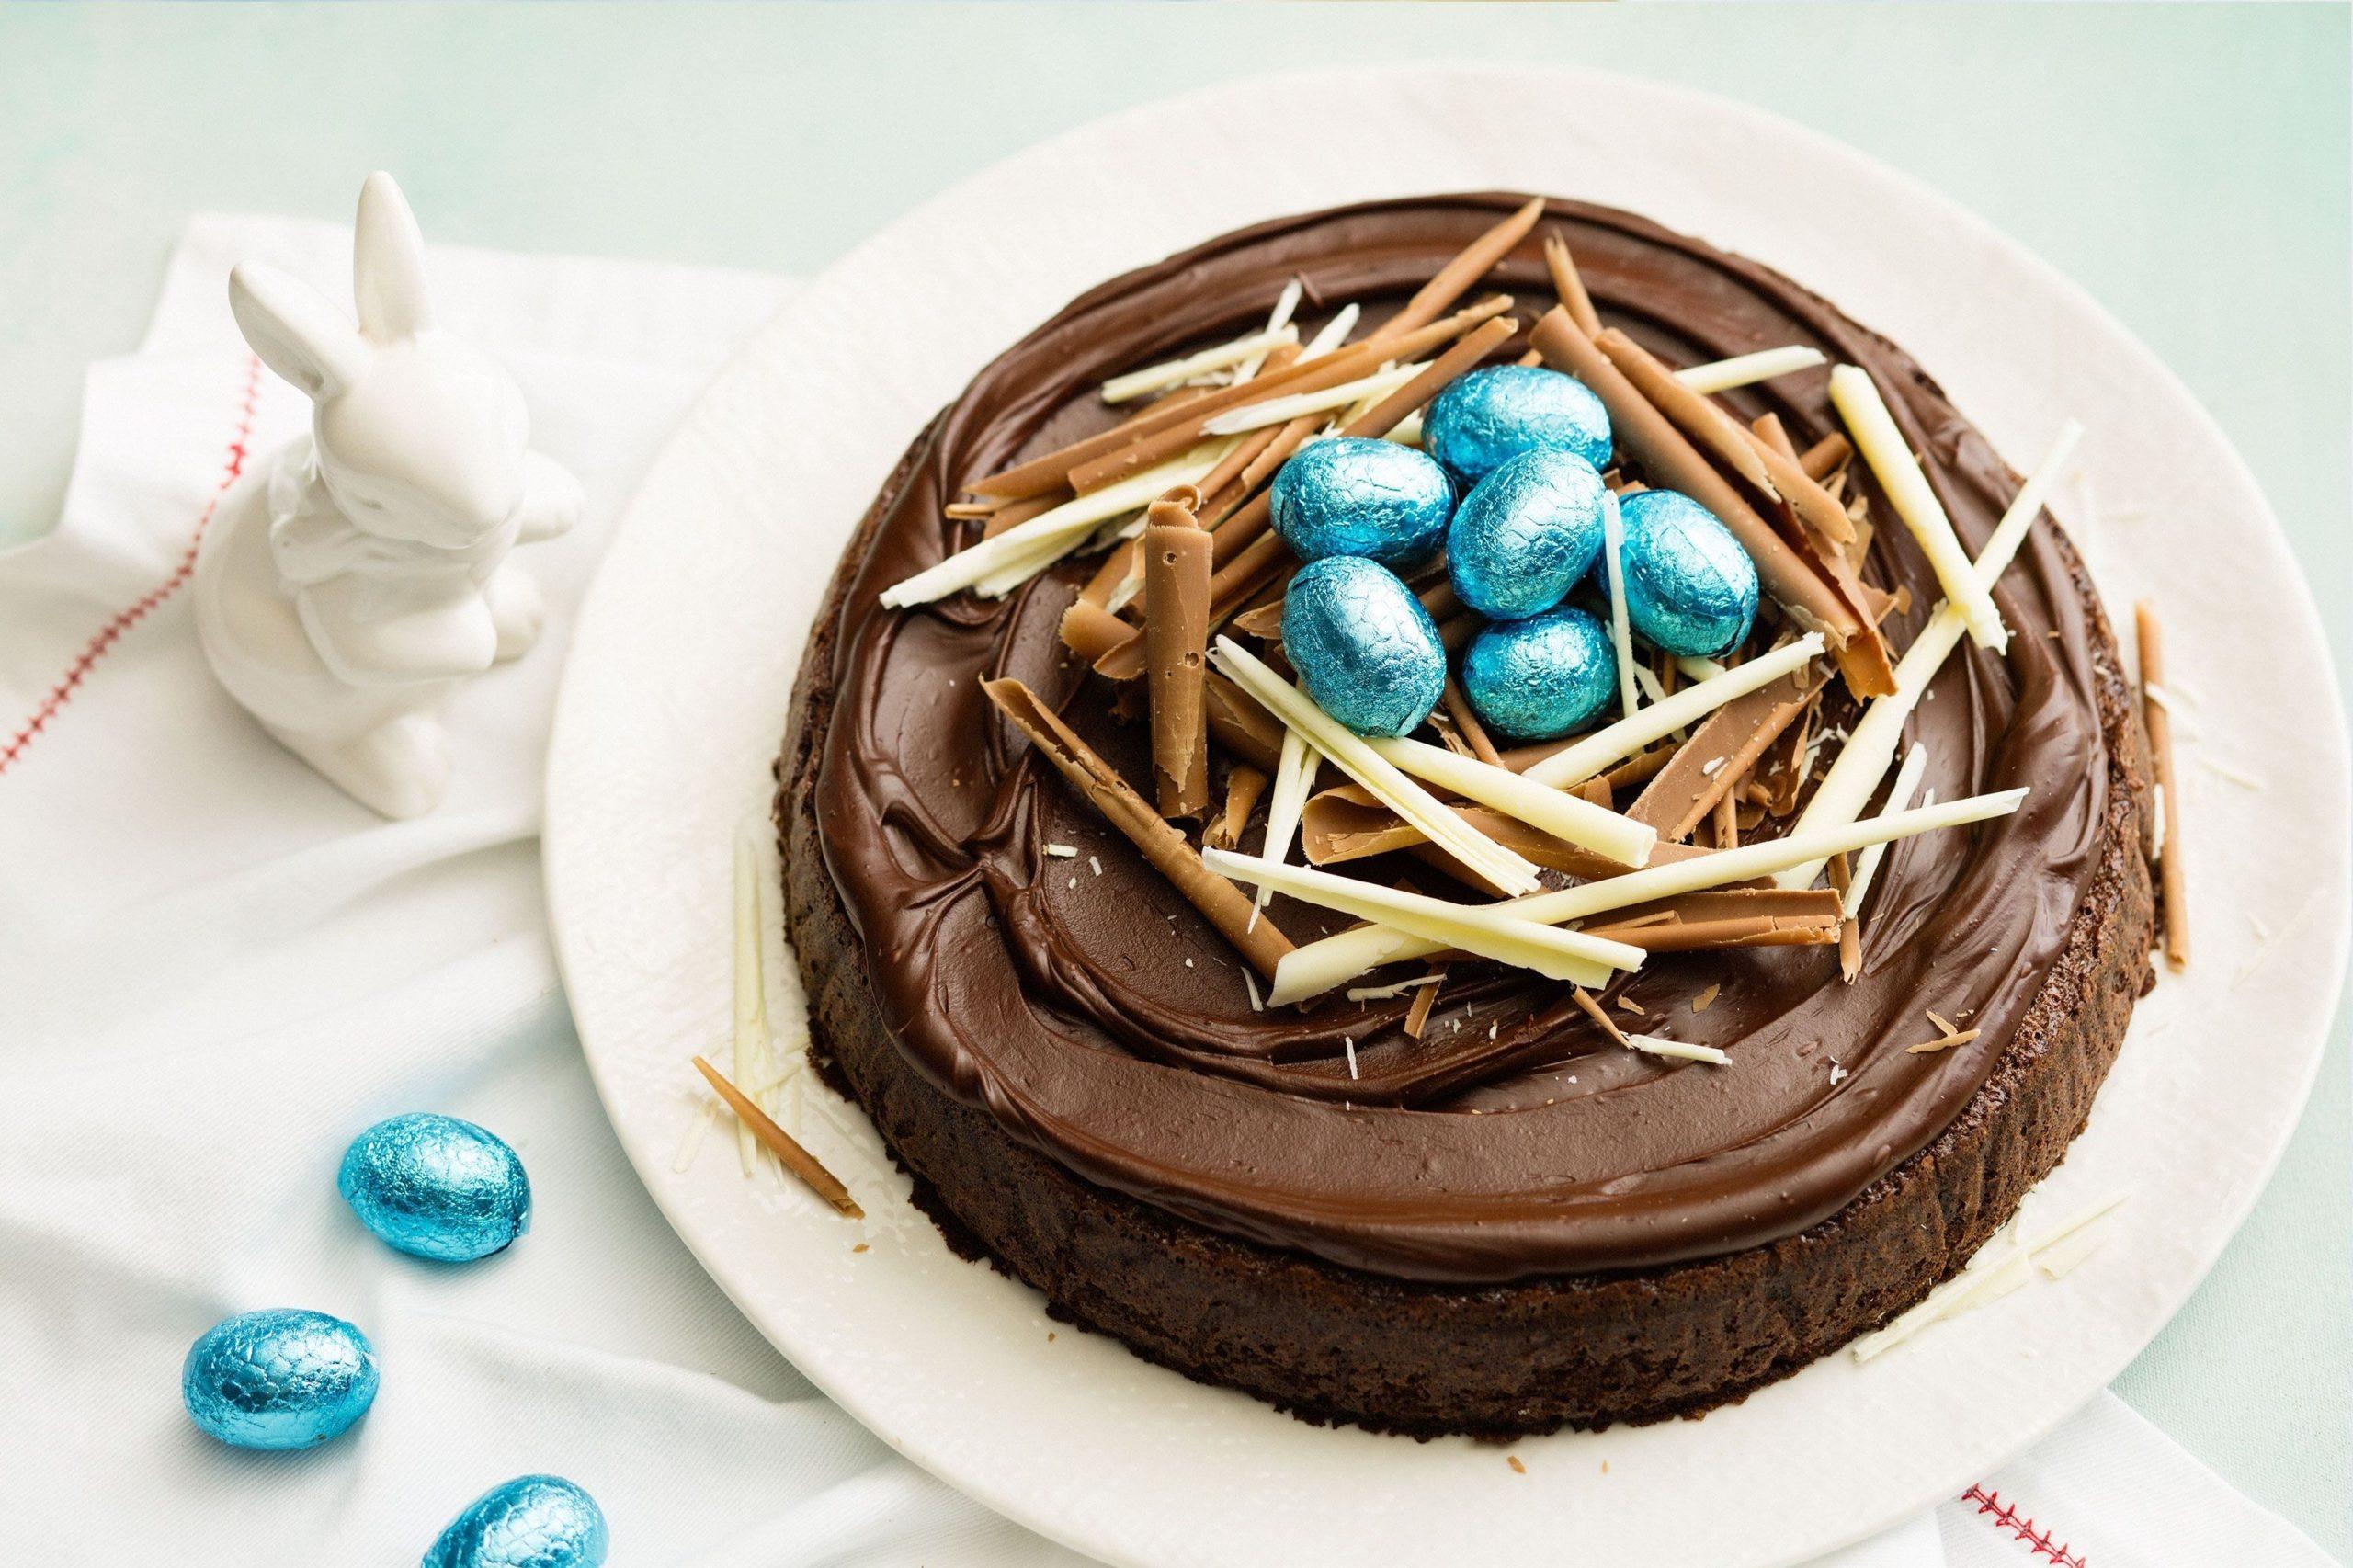 Irrésistible gâteau au chocolat.